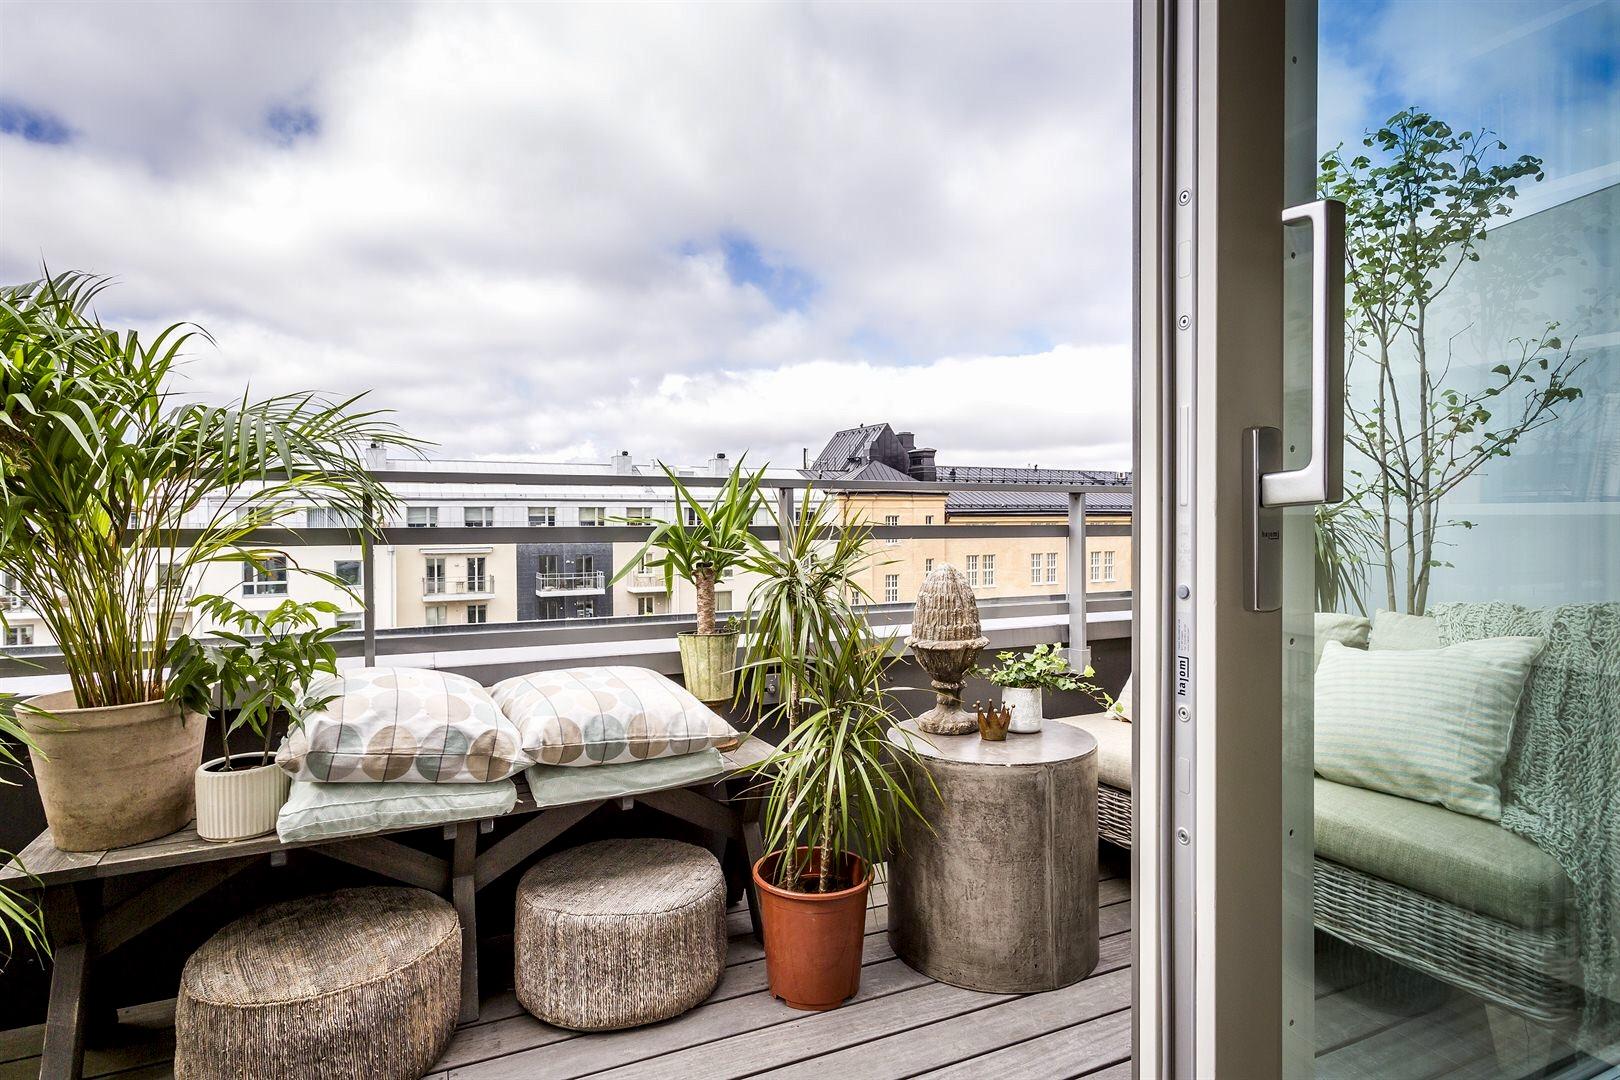 балкон комнатные растения деревянный настил